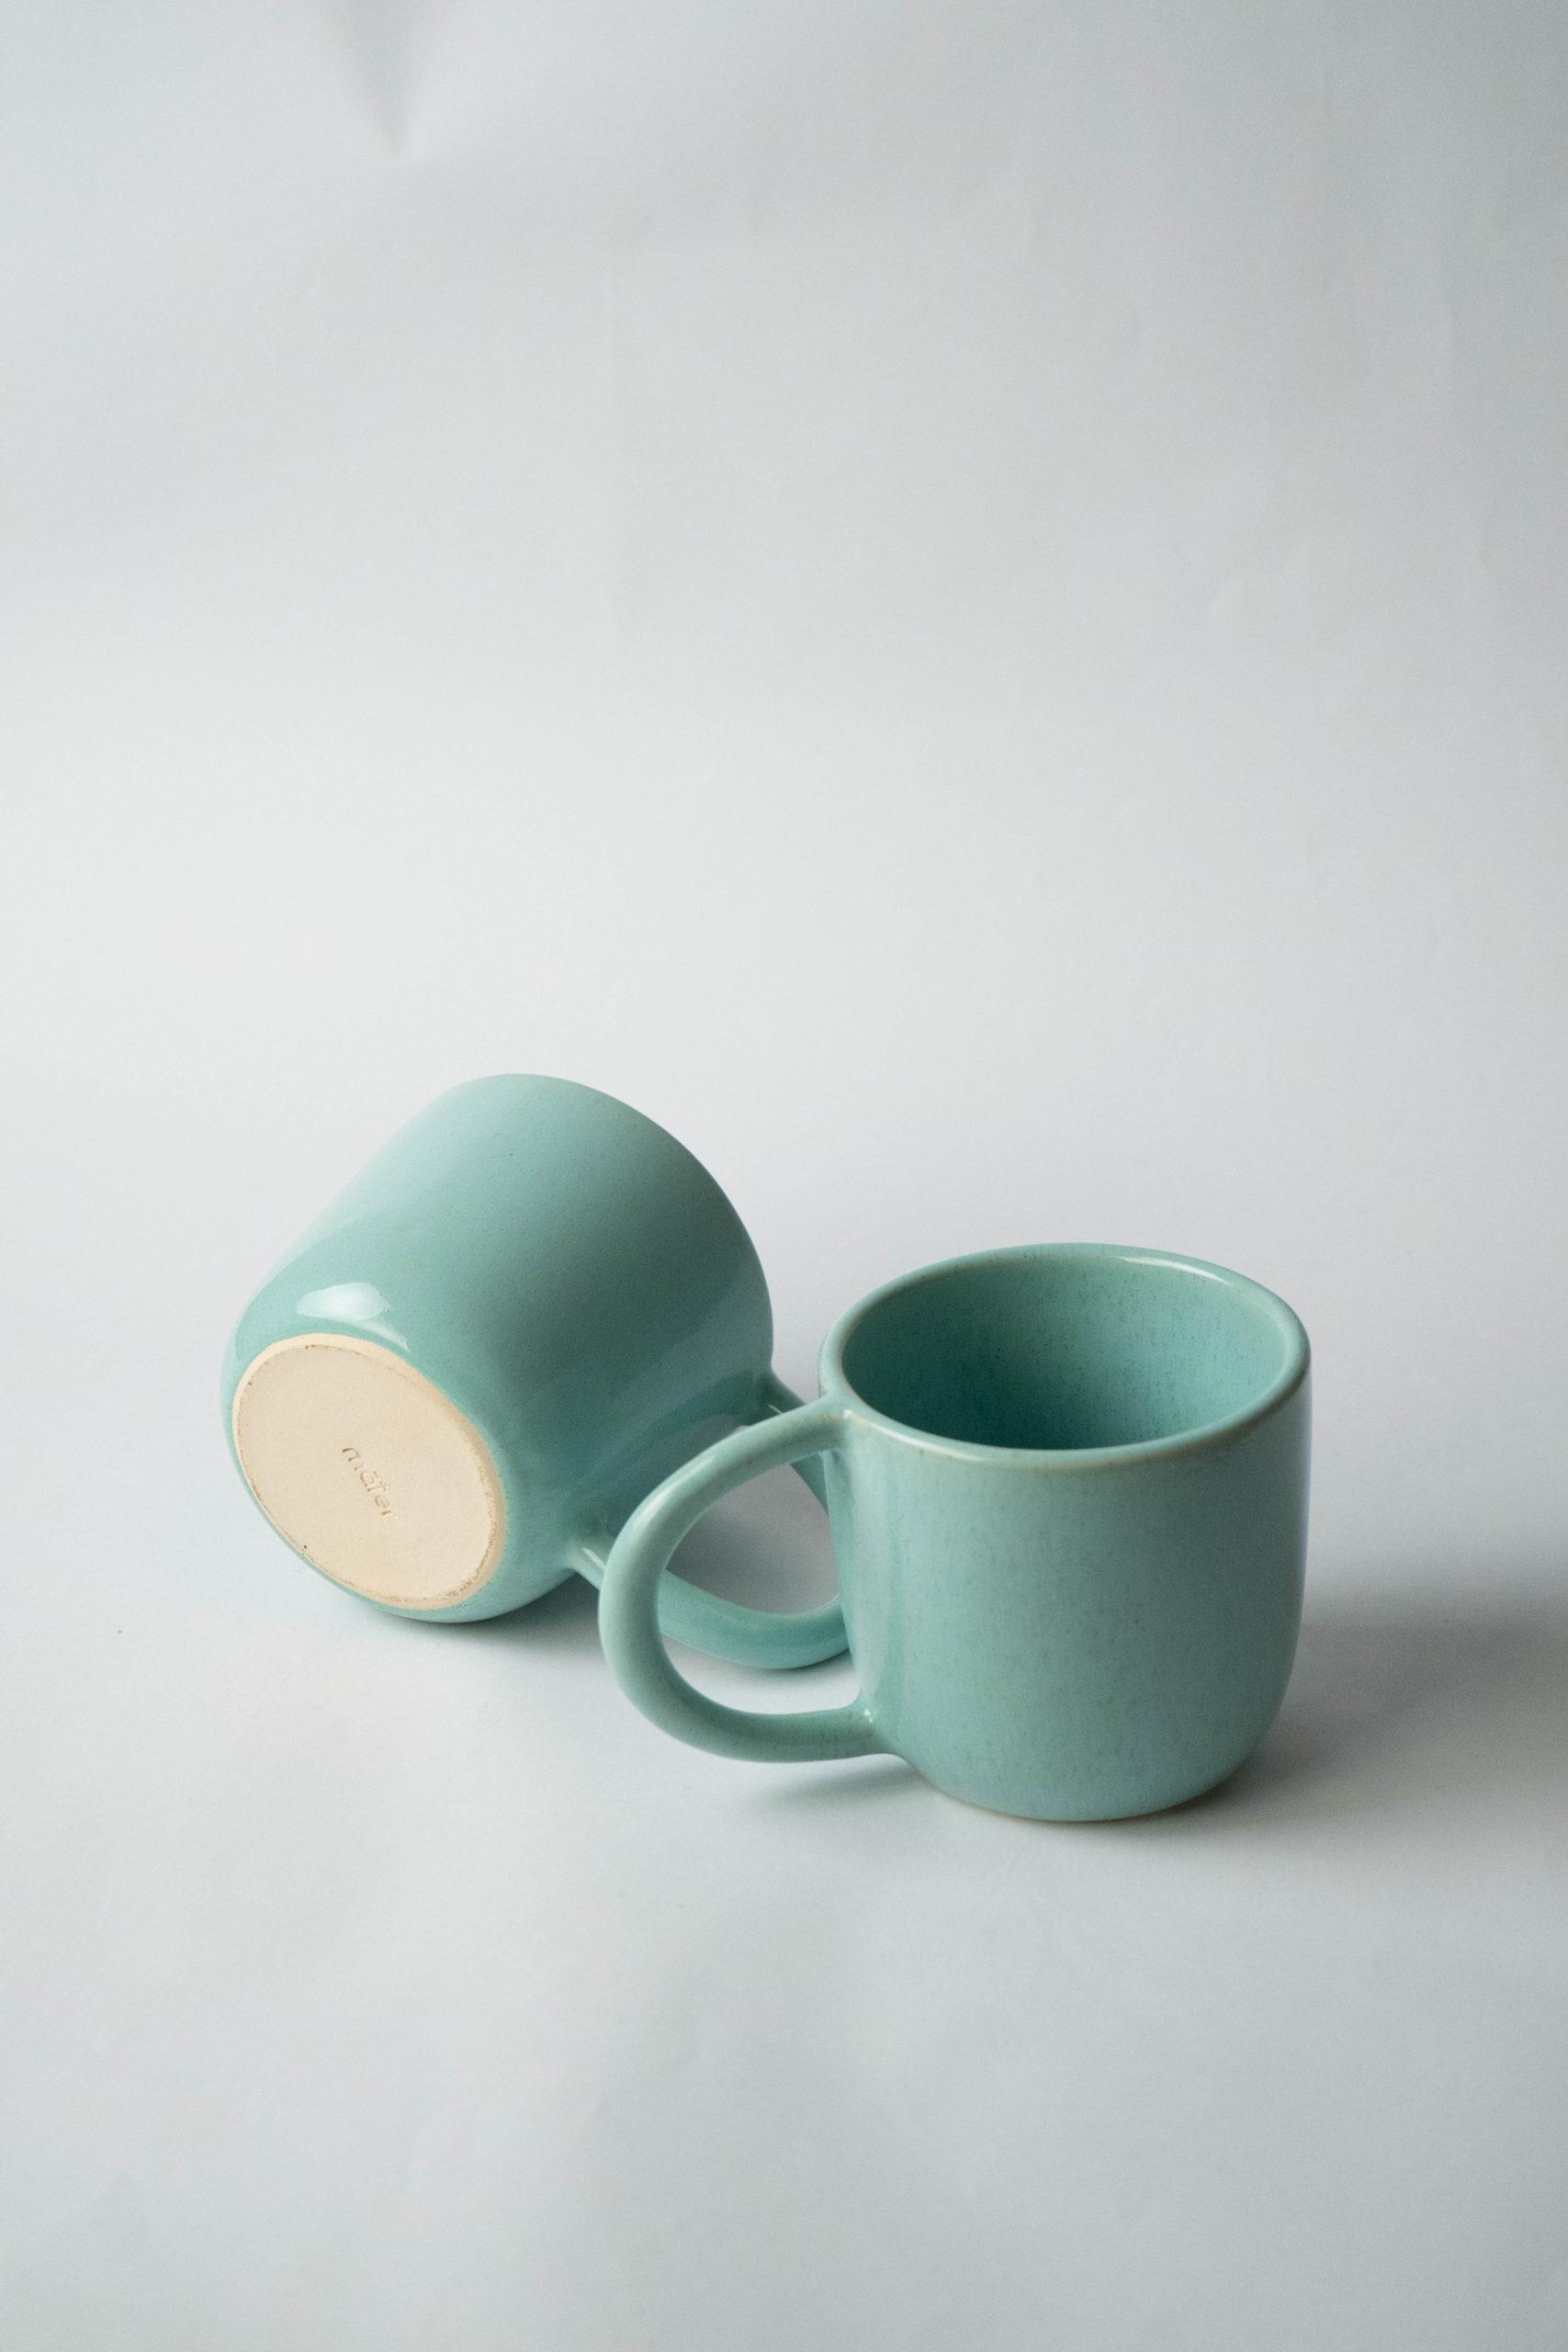 set juego de dos tazas turquesa con asa grande desayuno medianas